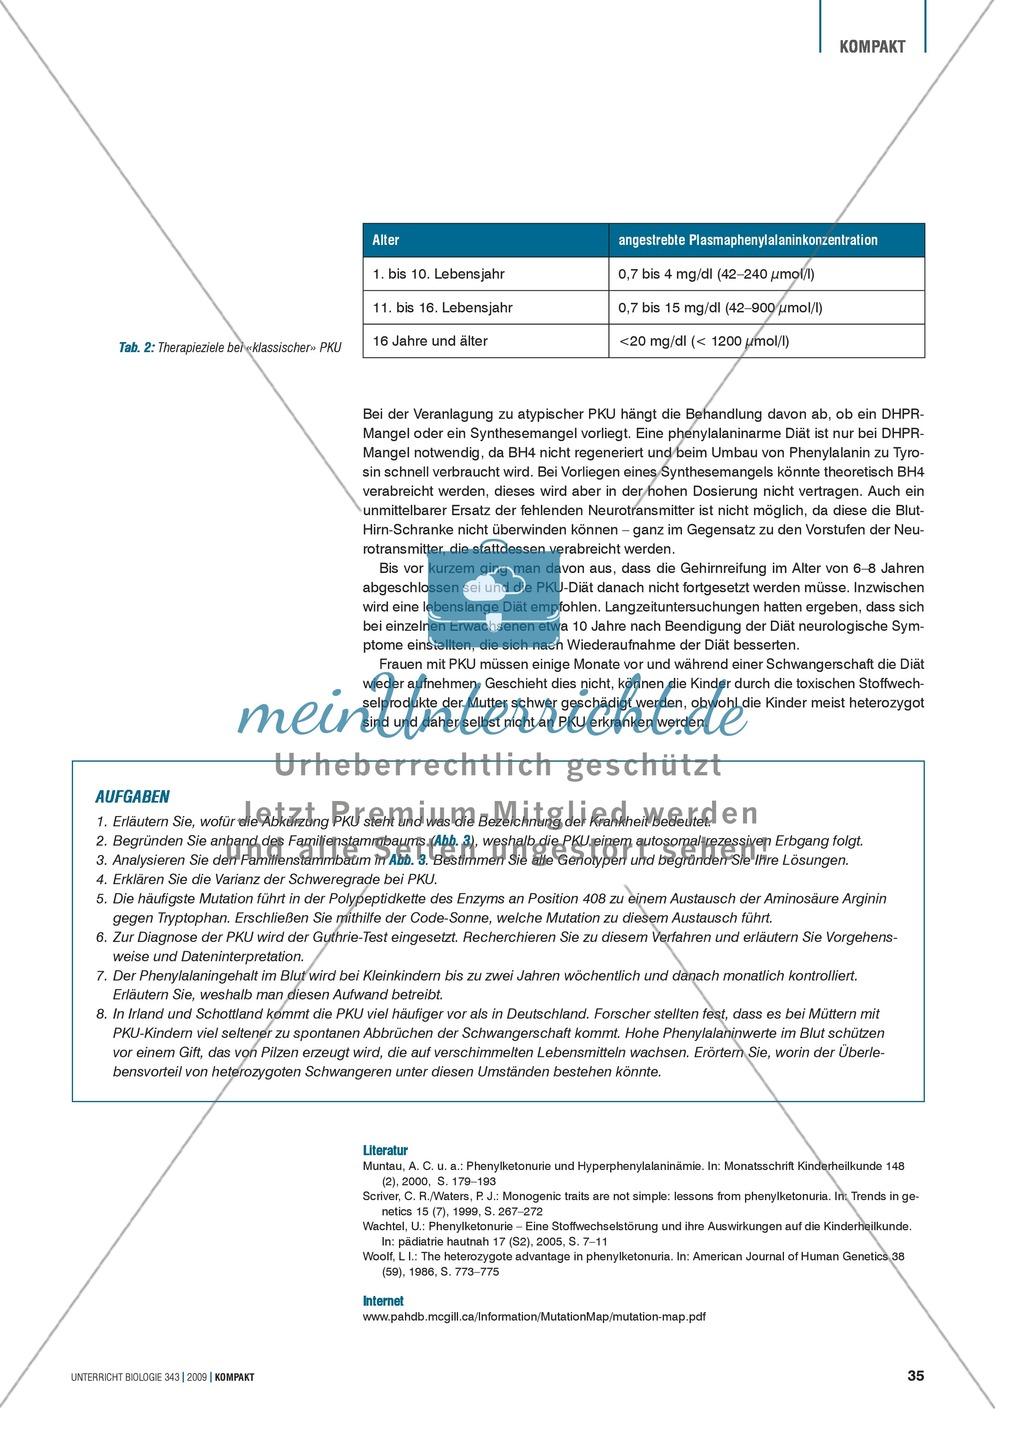 Genetik: Untersuchung erblich bedingter Erkrankungen der Leber am Beispiel der Phenylketonurie Preview 4